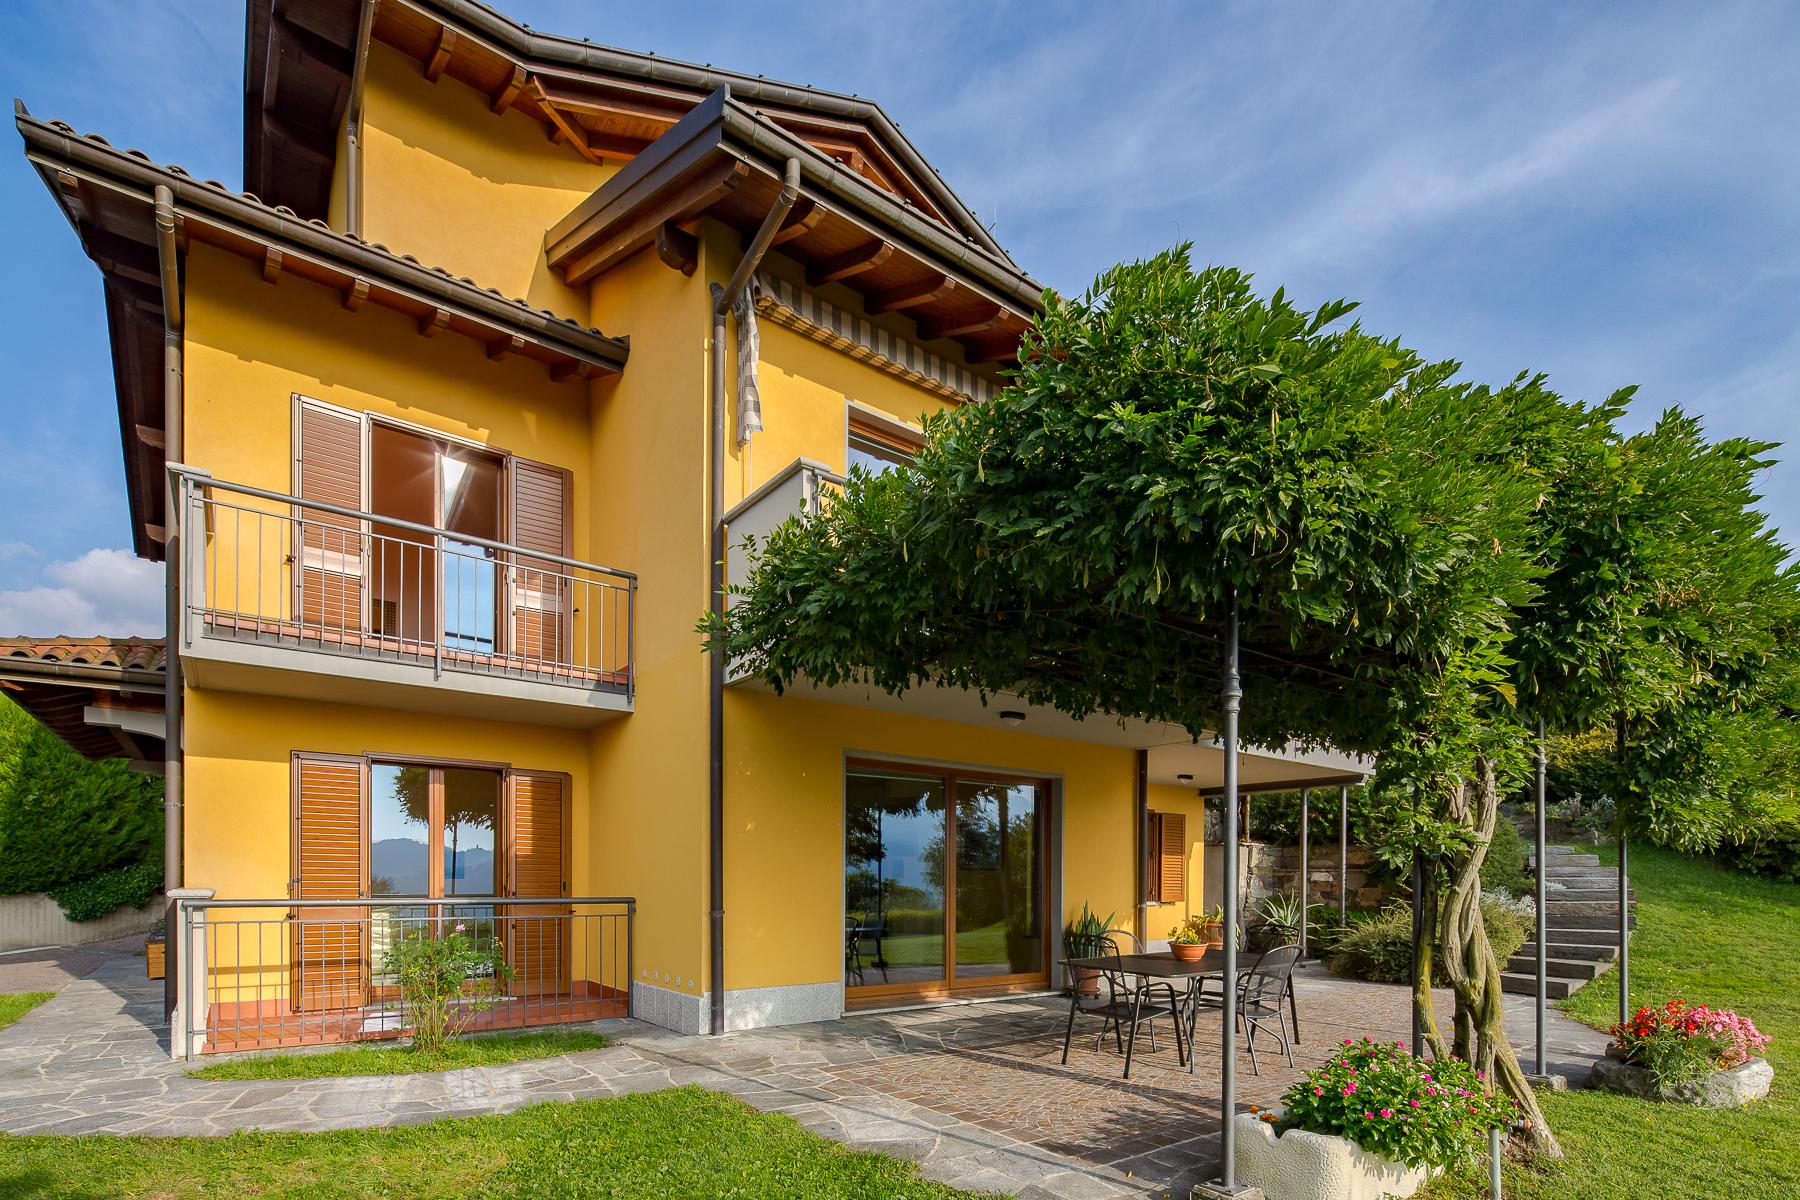 Villa in Vendita a Luino: 5 locali, 324 mq - Foto 8